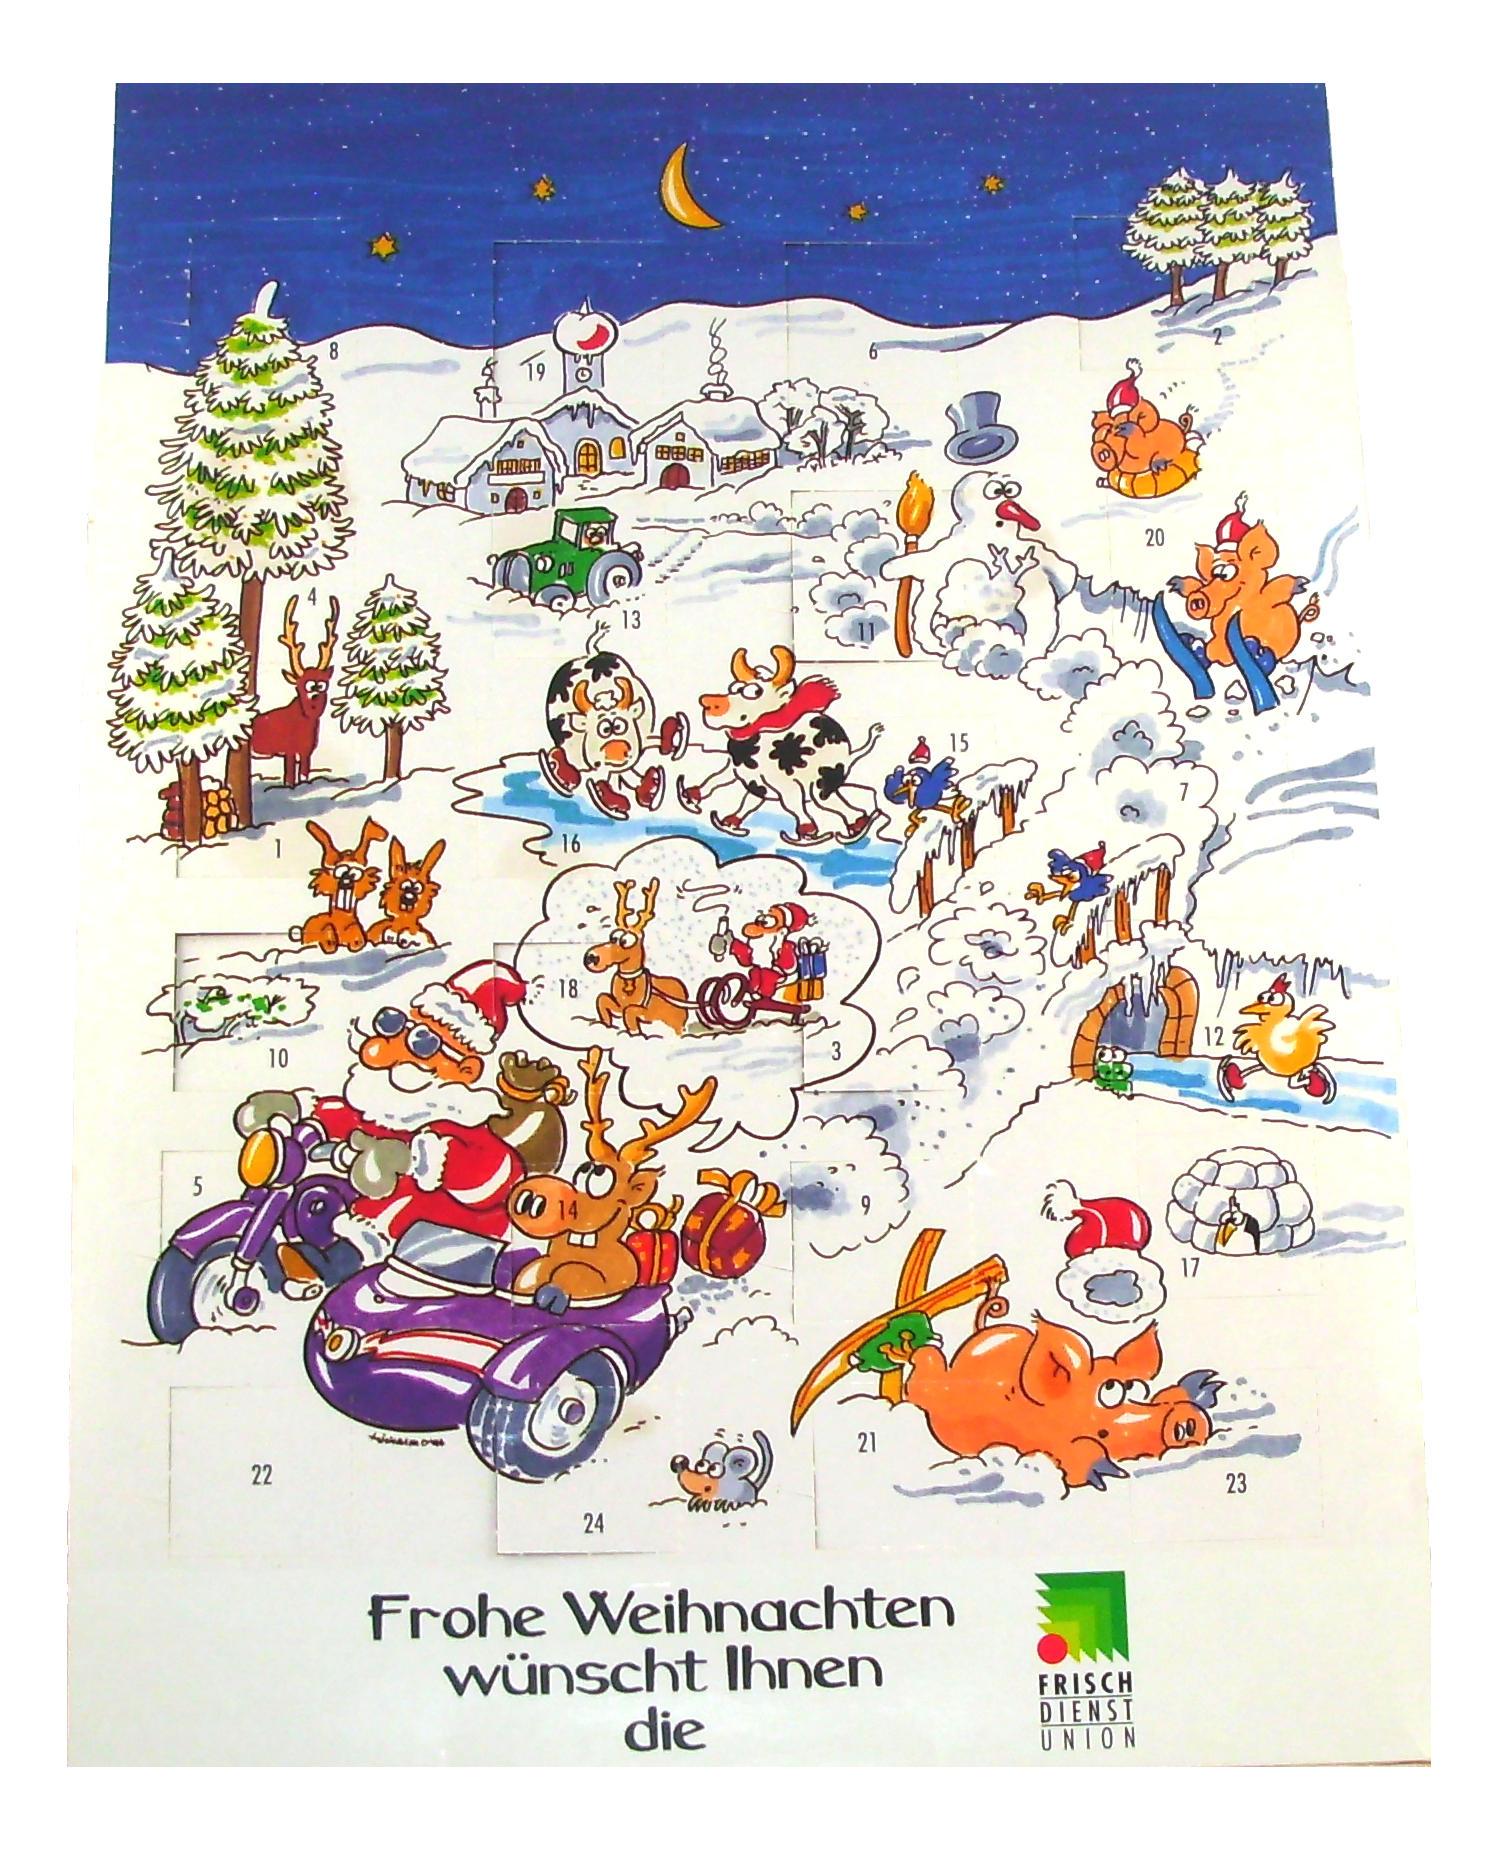 Weihnachten Adventskalender bedrucken